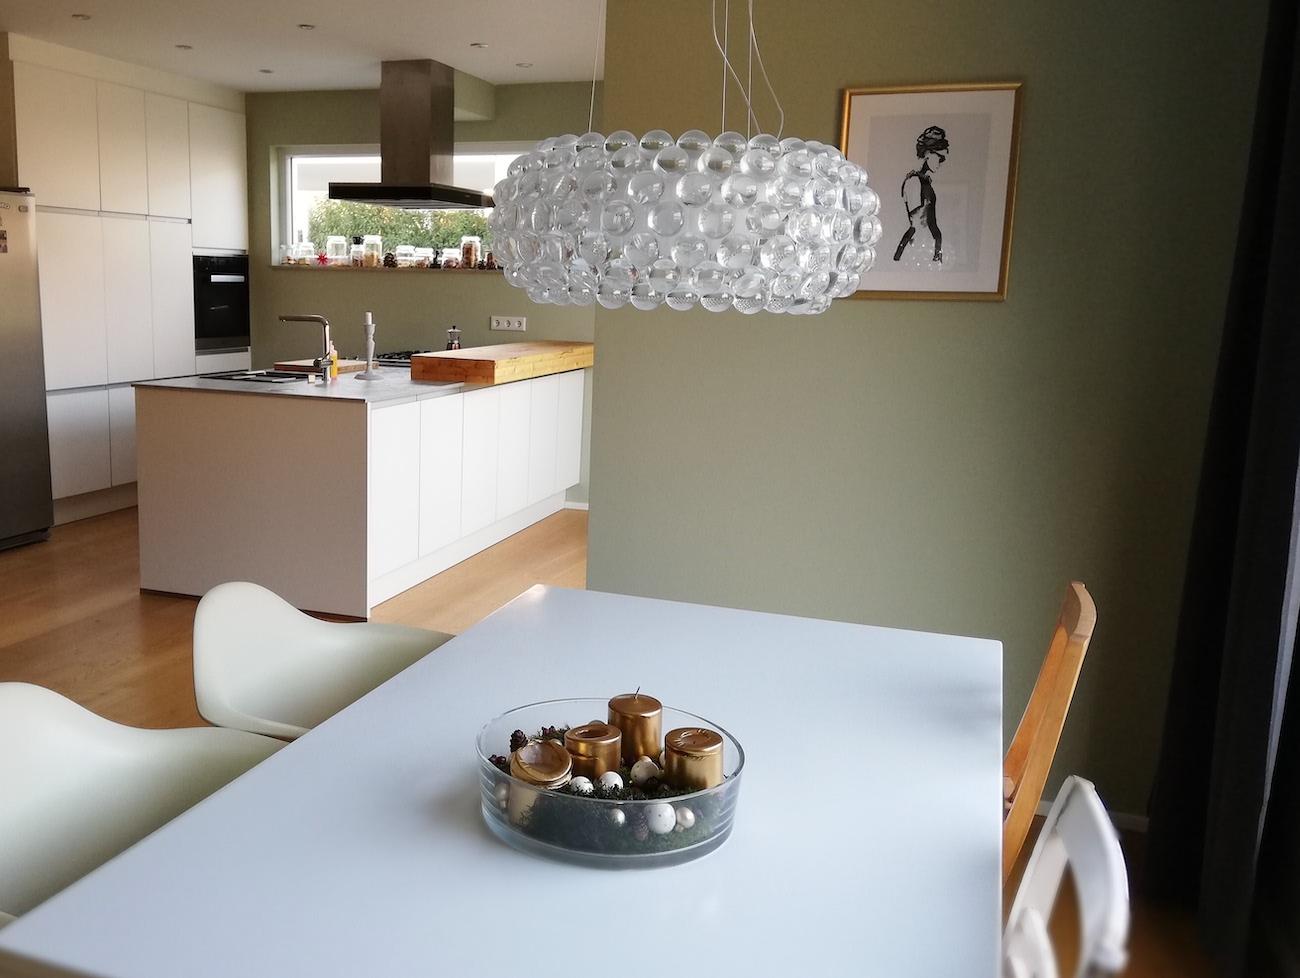 Nach der Einrichtungsberatung duech Malchow Interior Design kommen die Bilder an der Wand besser zur Geltung.